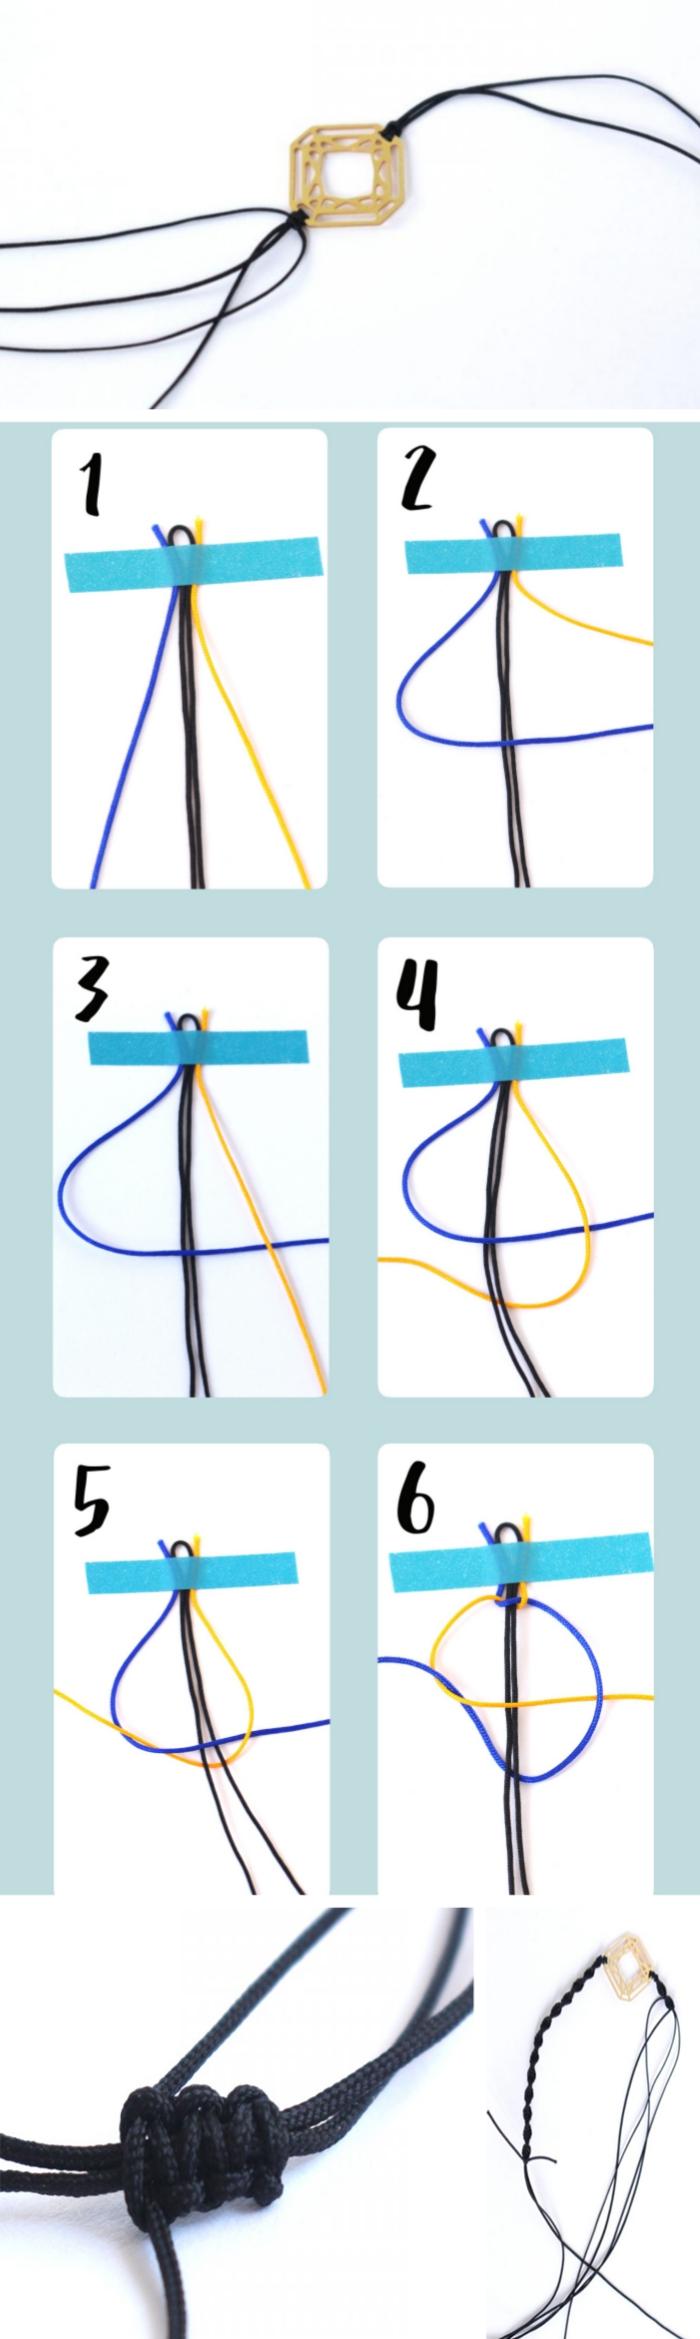 étapes à suivre pour faire un noeud macramé facile, pas à pas tressage macramé pour créer un bracelet en fil coton